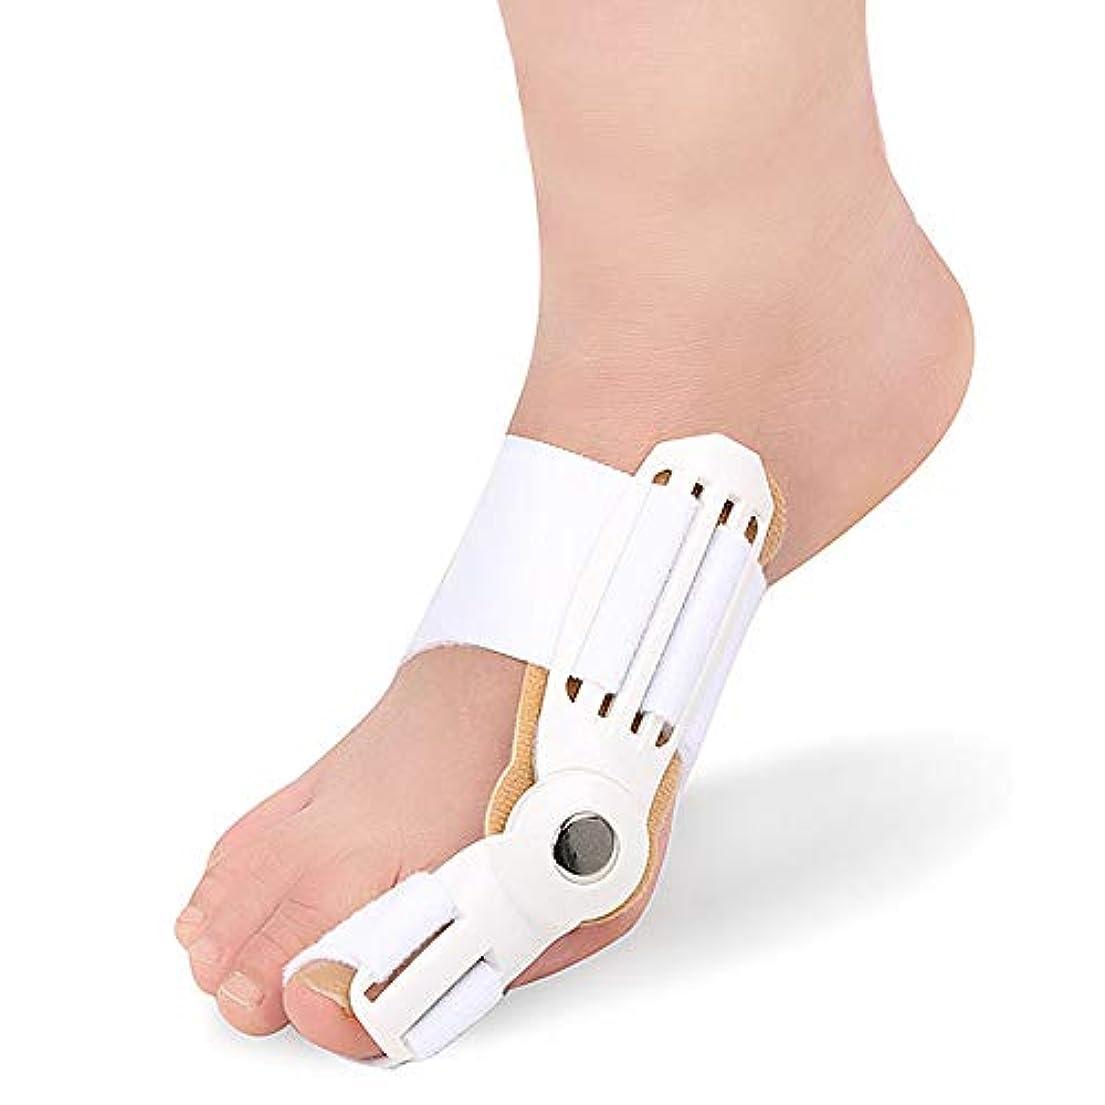 クレーター外観記念碑つま先セパレーターは、ヨガのエクササイズ後のつま先重なりの腱板ユニバーサル左右ワンサイズ予防の痛みと変形を防ぎます,白